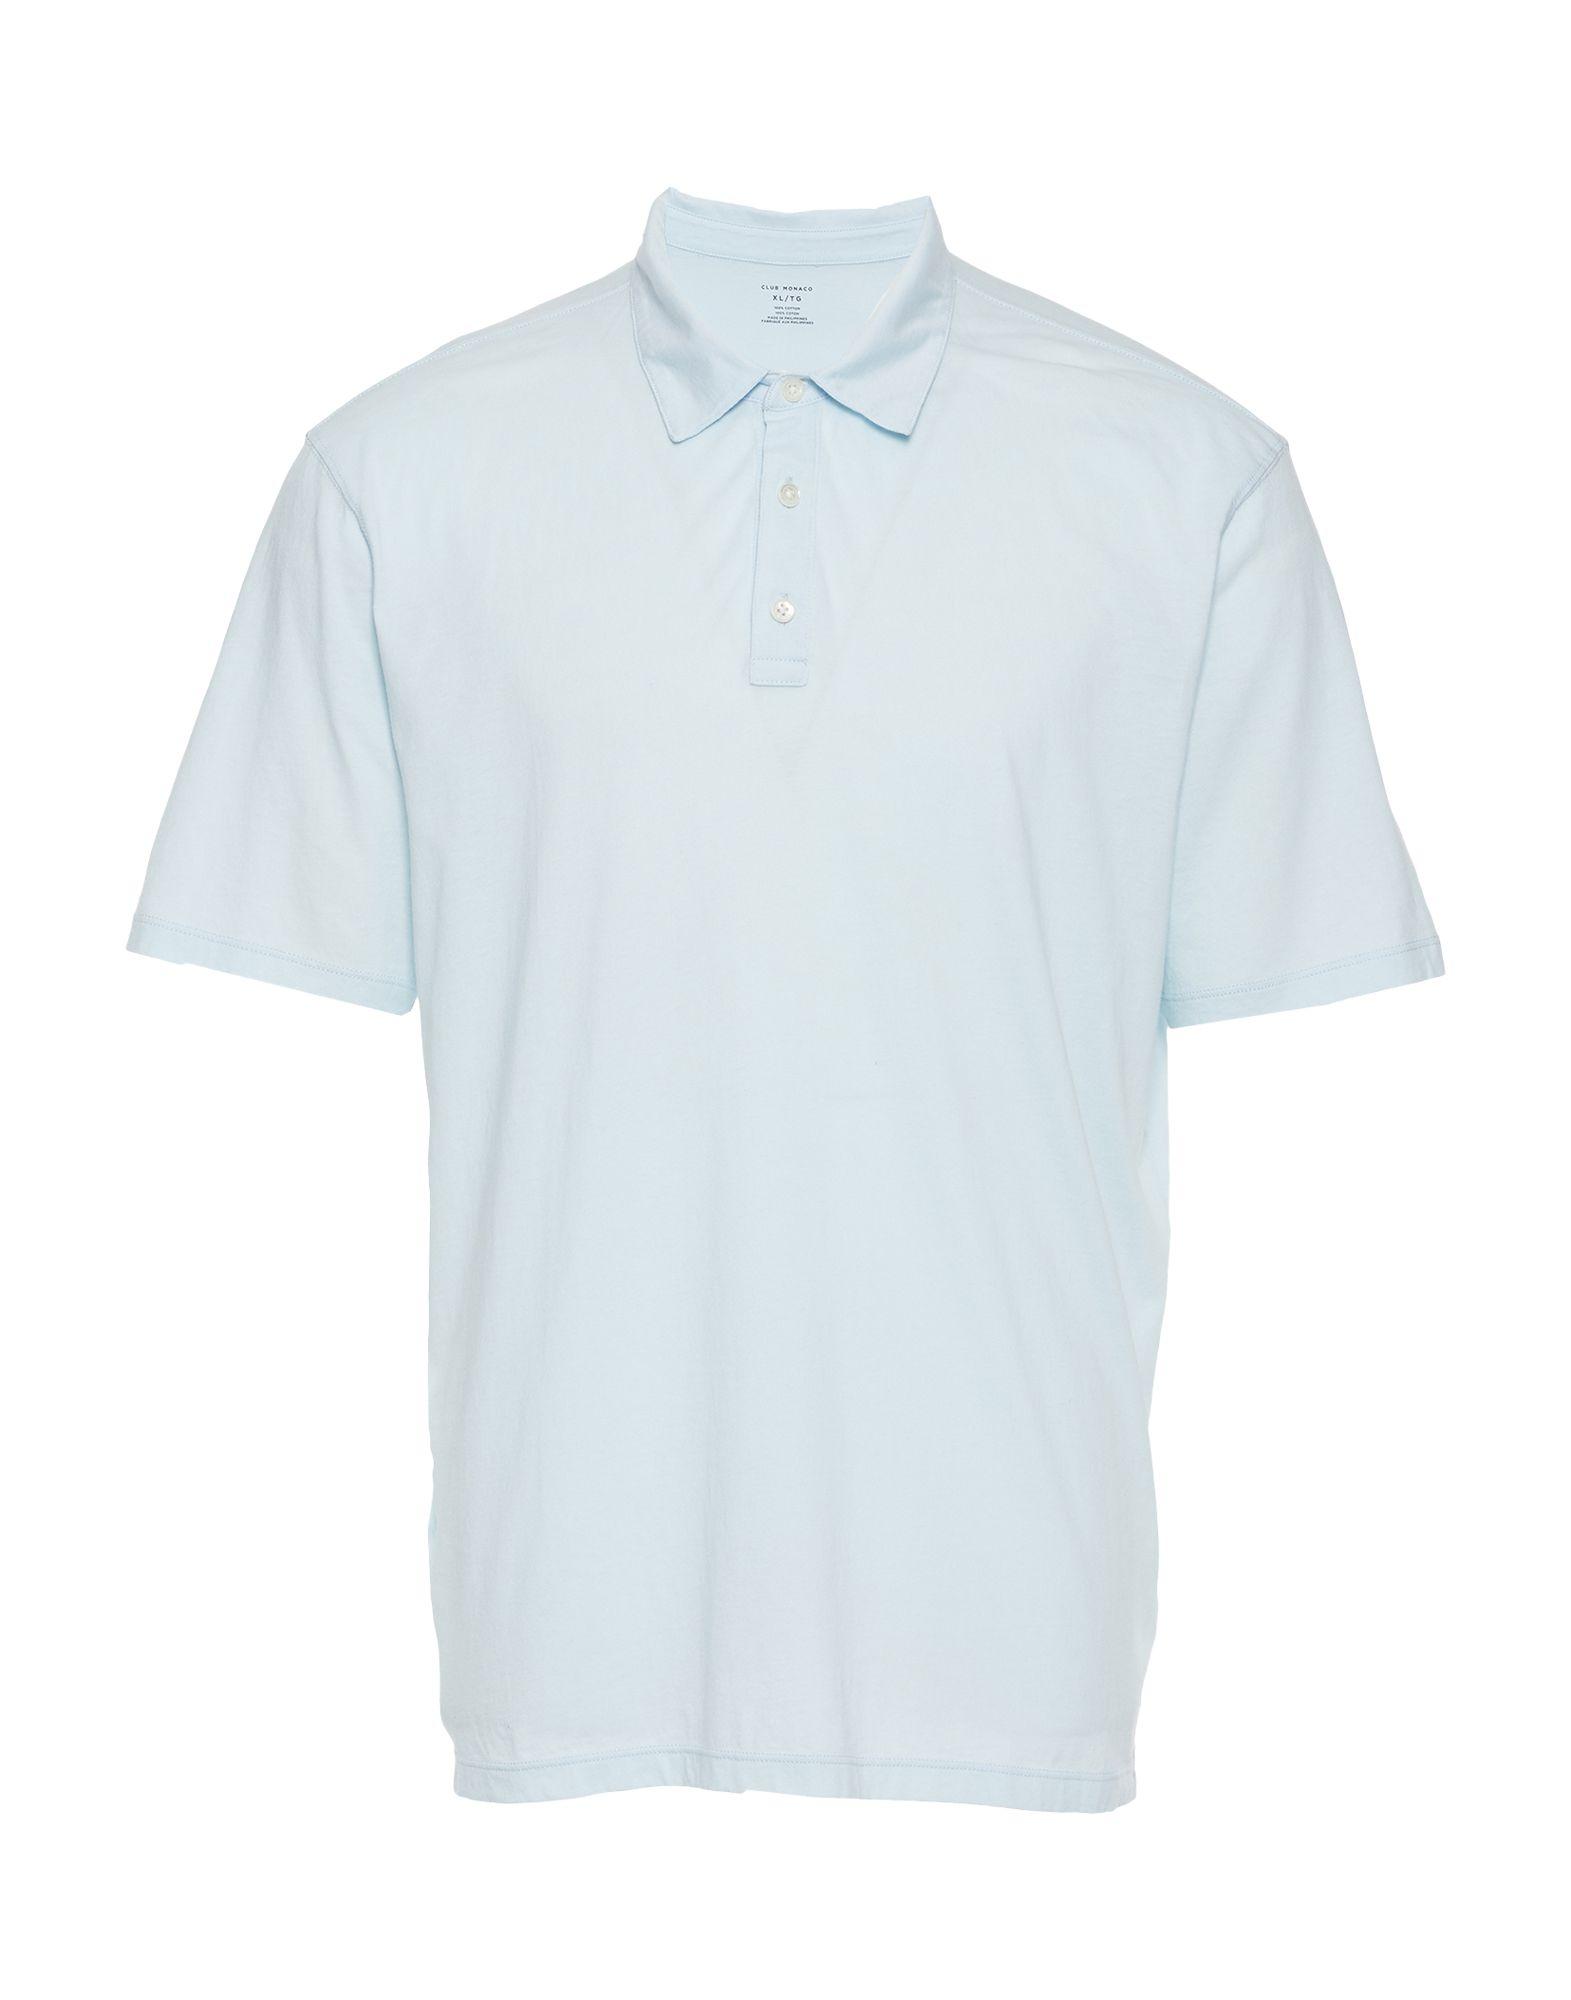 CLUB MONACO Polo shirts. no appliqués, basic solid color, short sleeves, polo collar. 100% Cotton